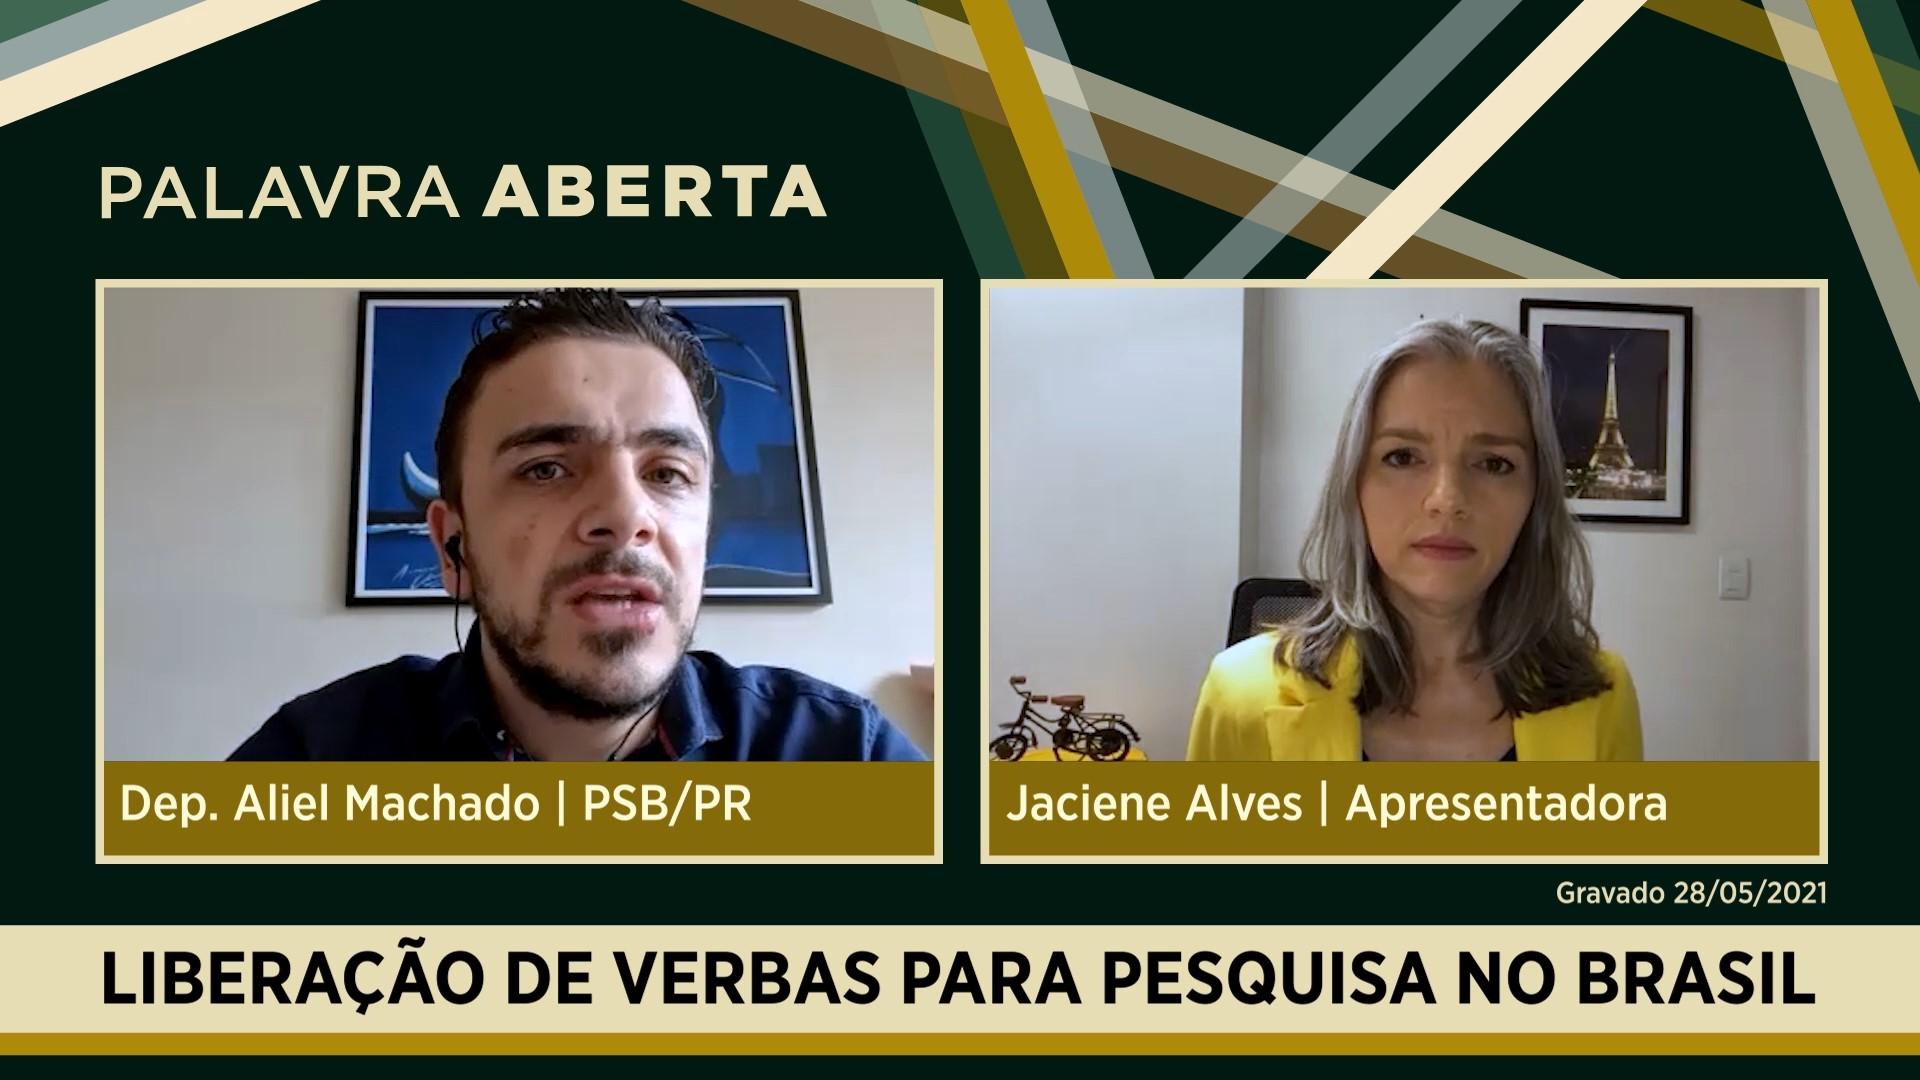 Liberação de verbas para pesquisa no Brasil